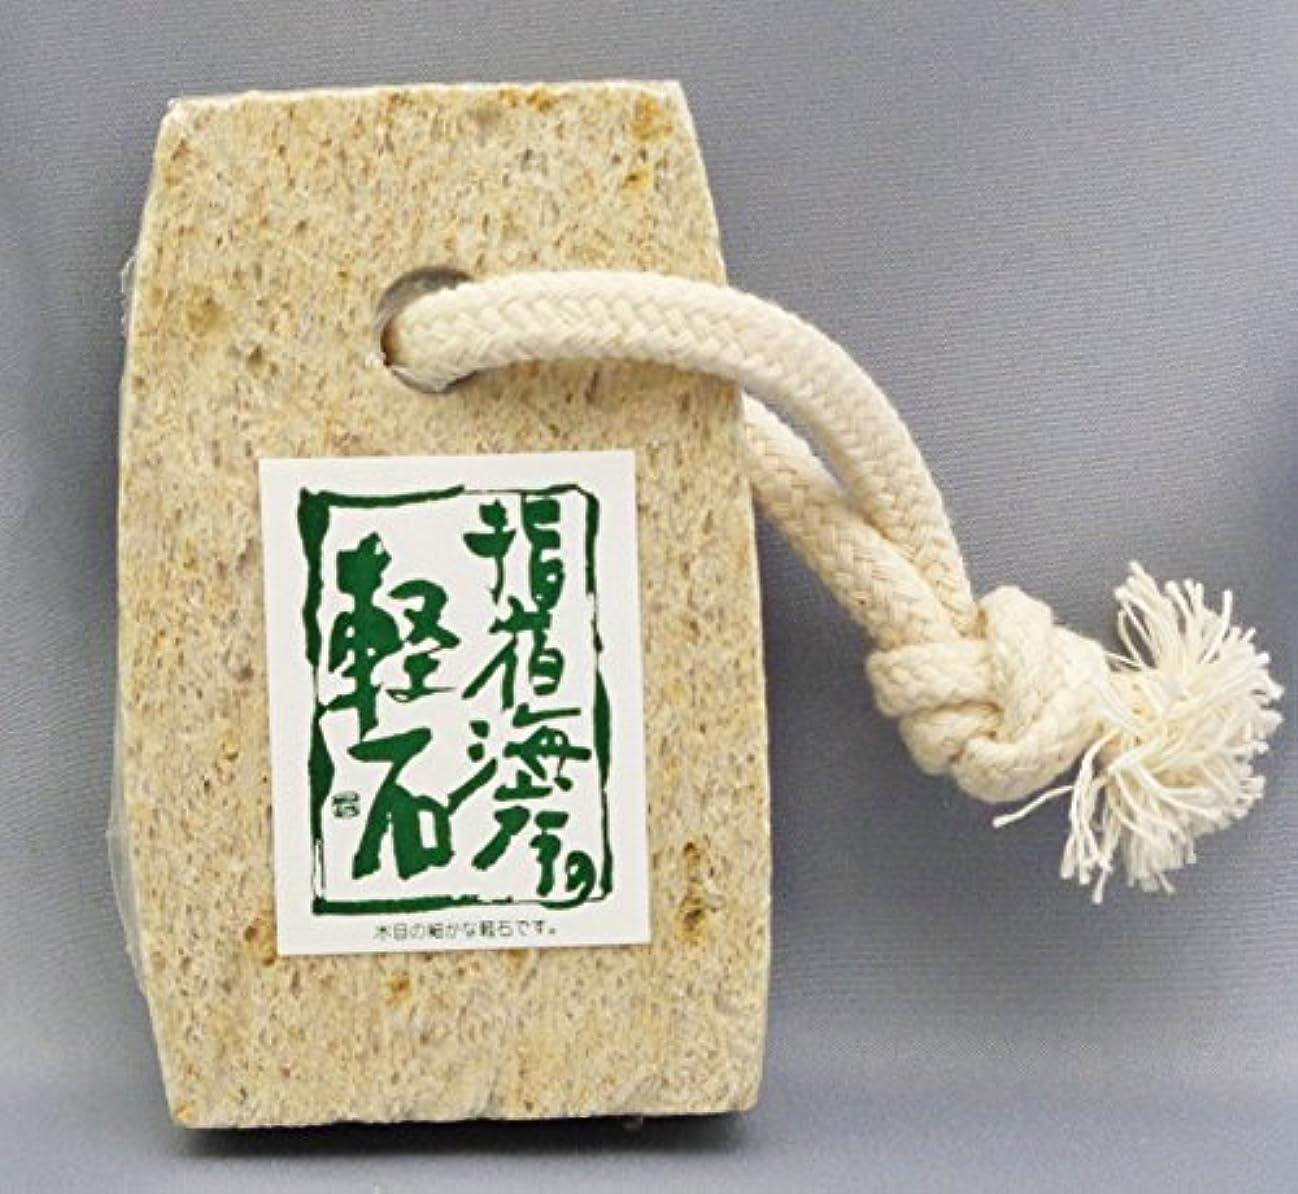 プロフェッショナル部屋を掃除する狂ったシオザキ No.3 中判軽石 (ヒモ付き)指宿の軽石